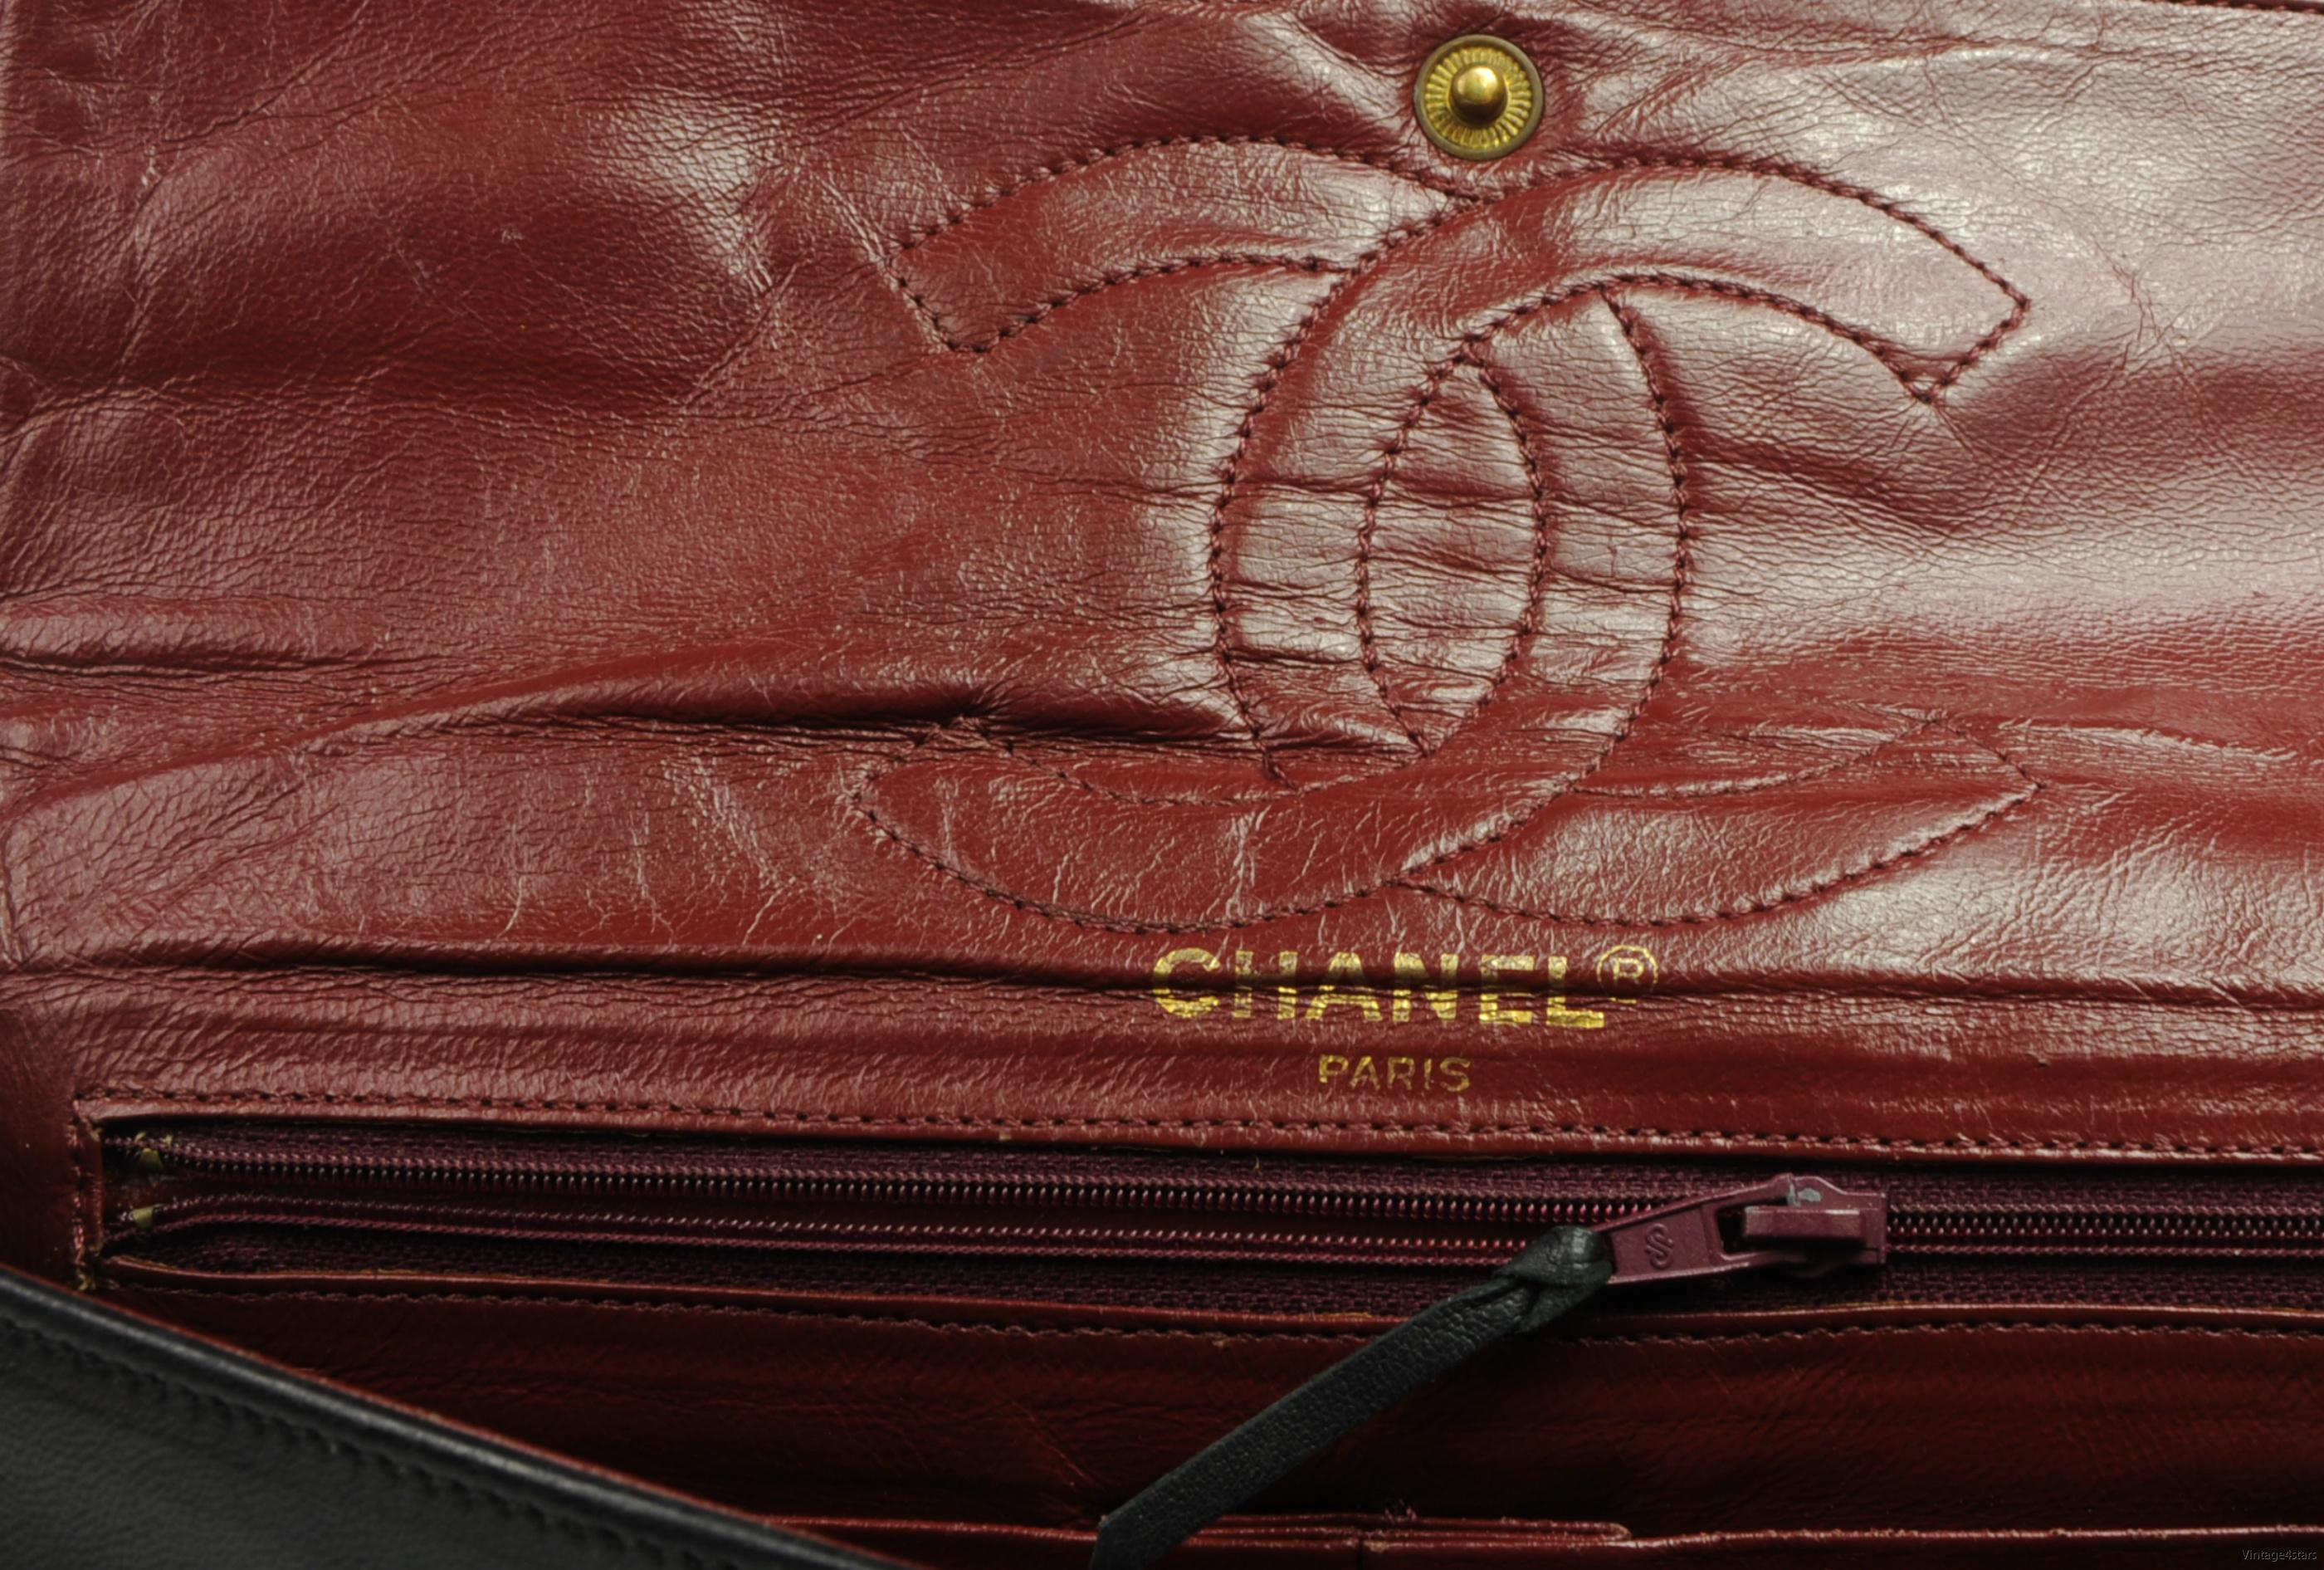 CHANEL Double Flap Paris 14